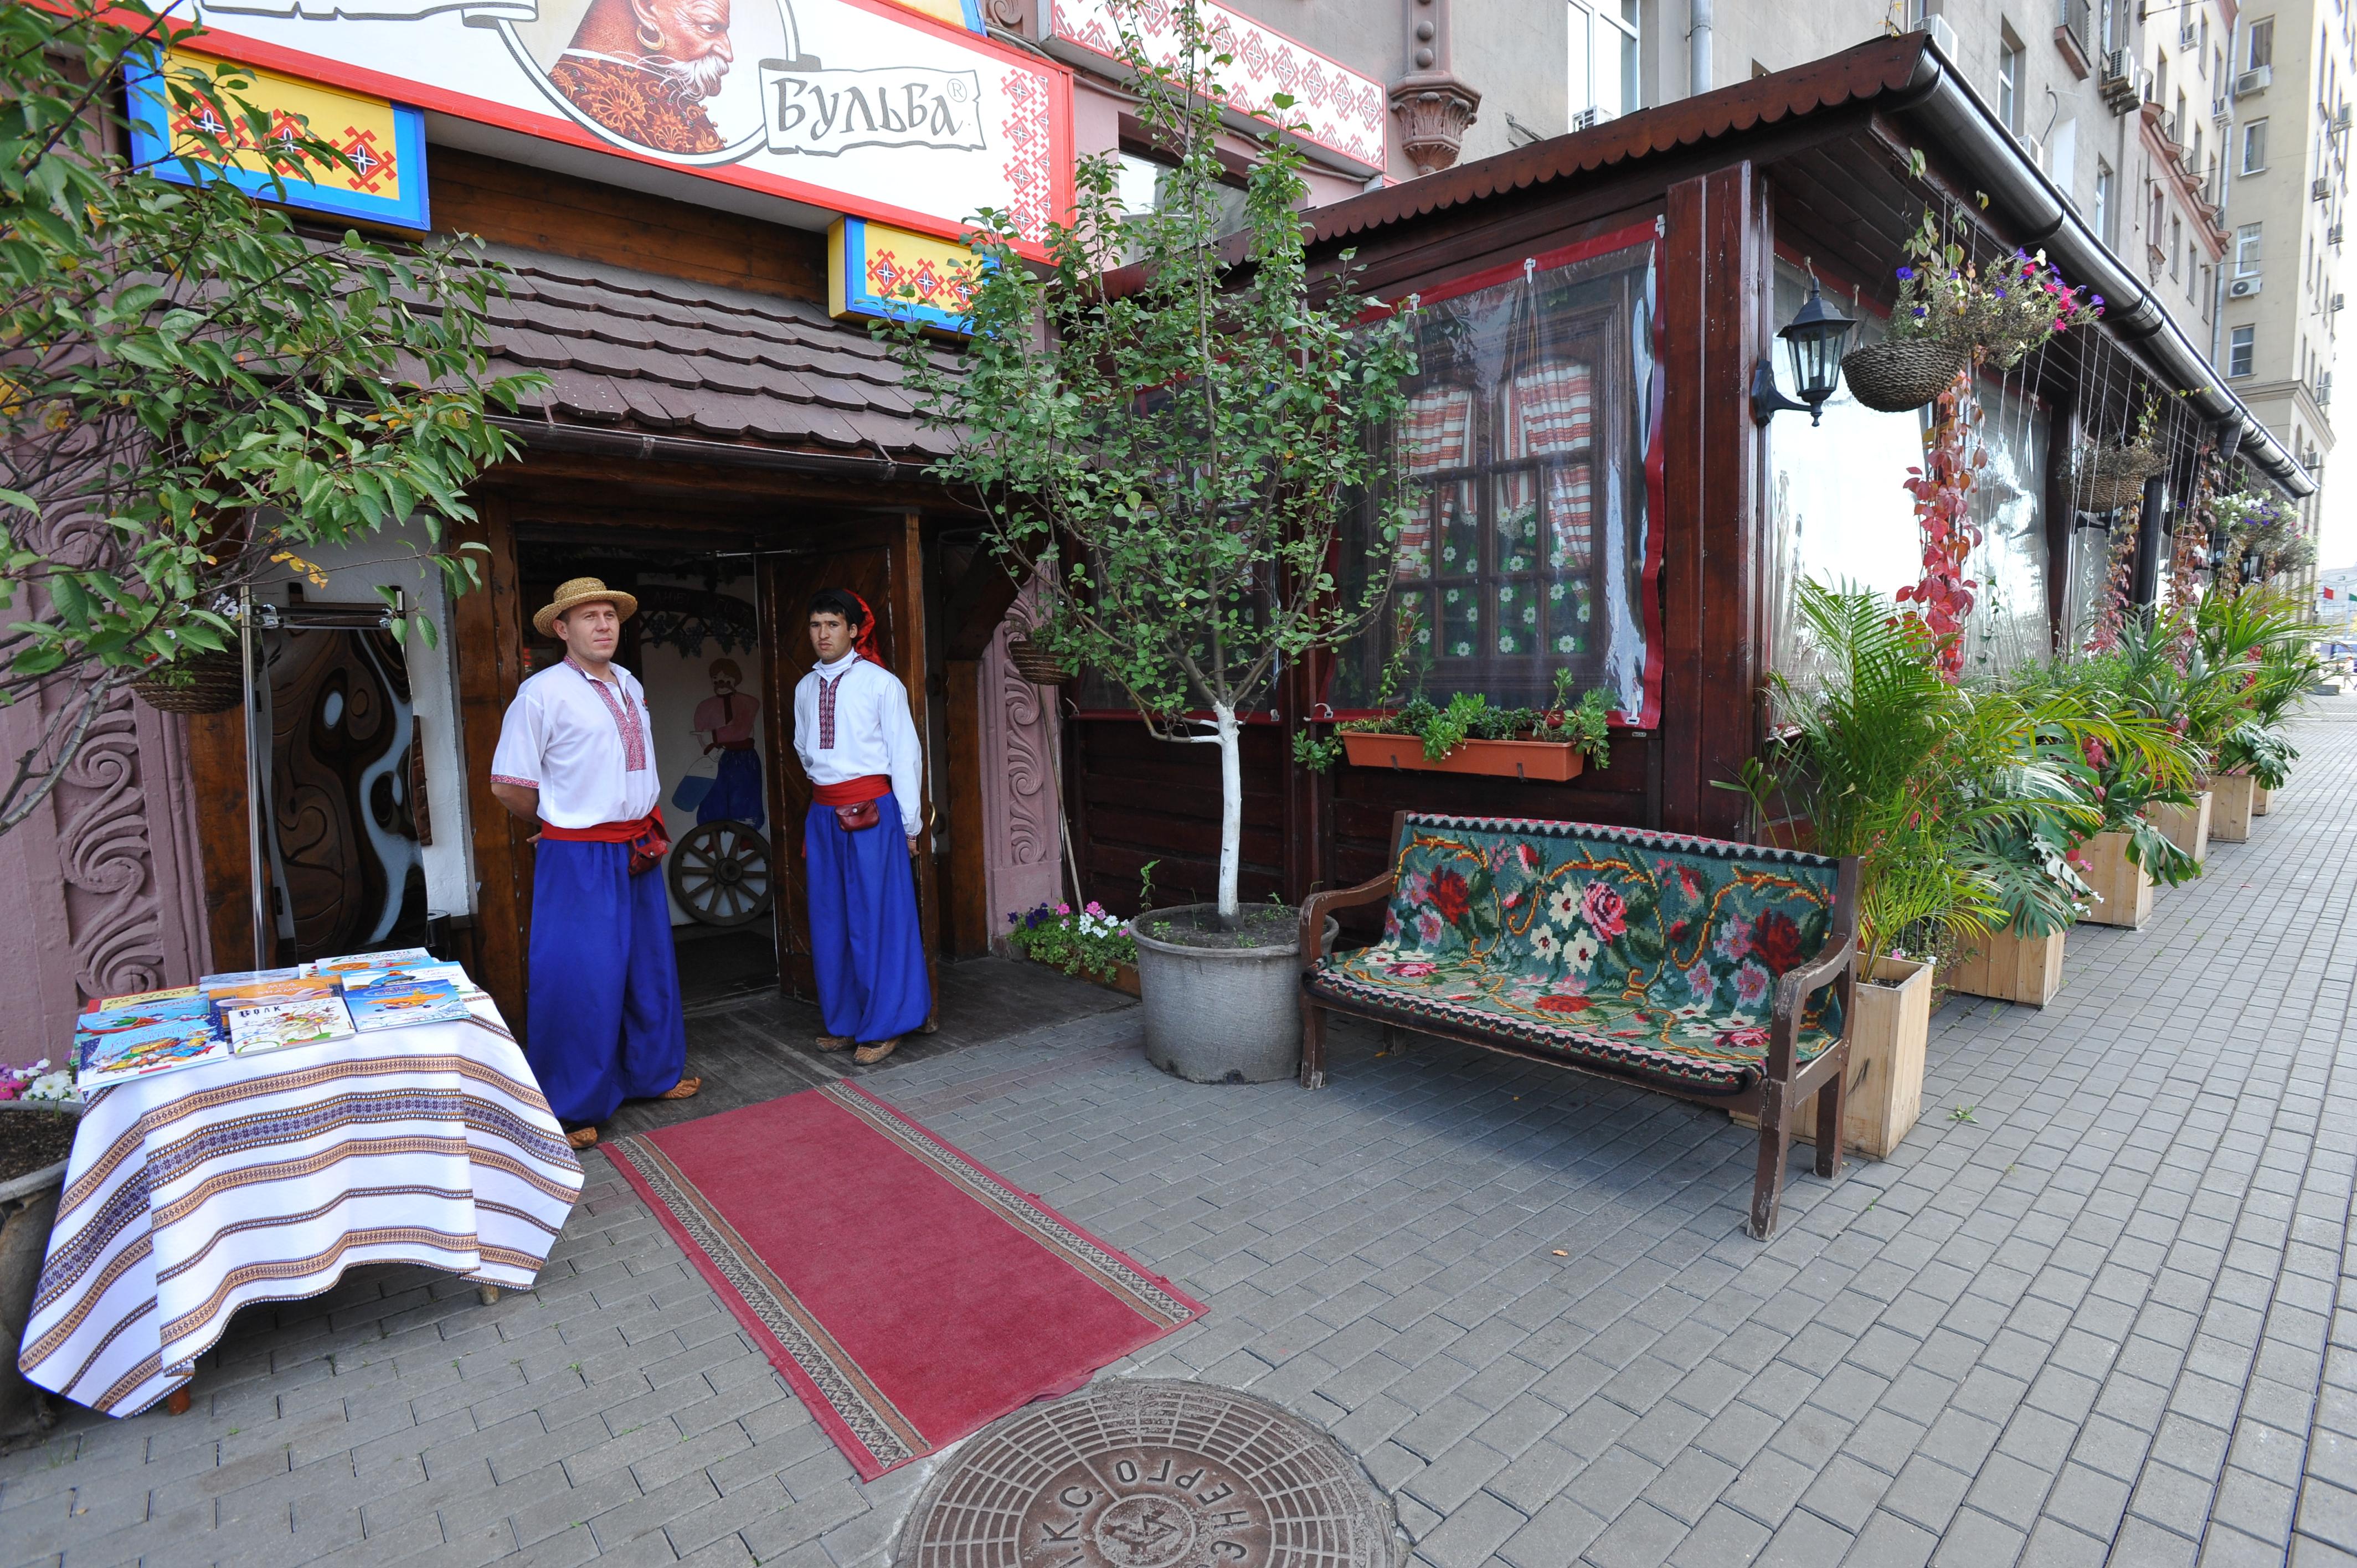 Тарас клуб москва работа охранник в ночном клубе москвы